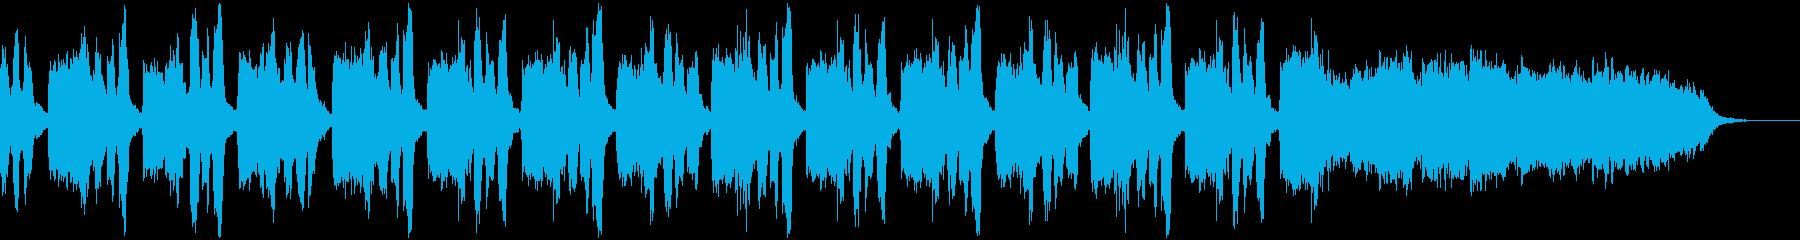 オーケストラによる暗所探索系BGMの再生済みの波形